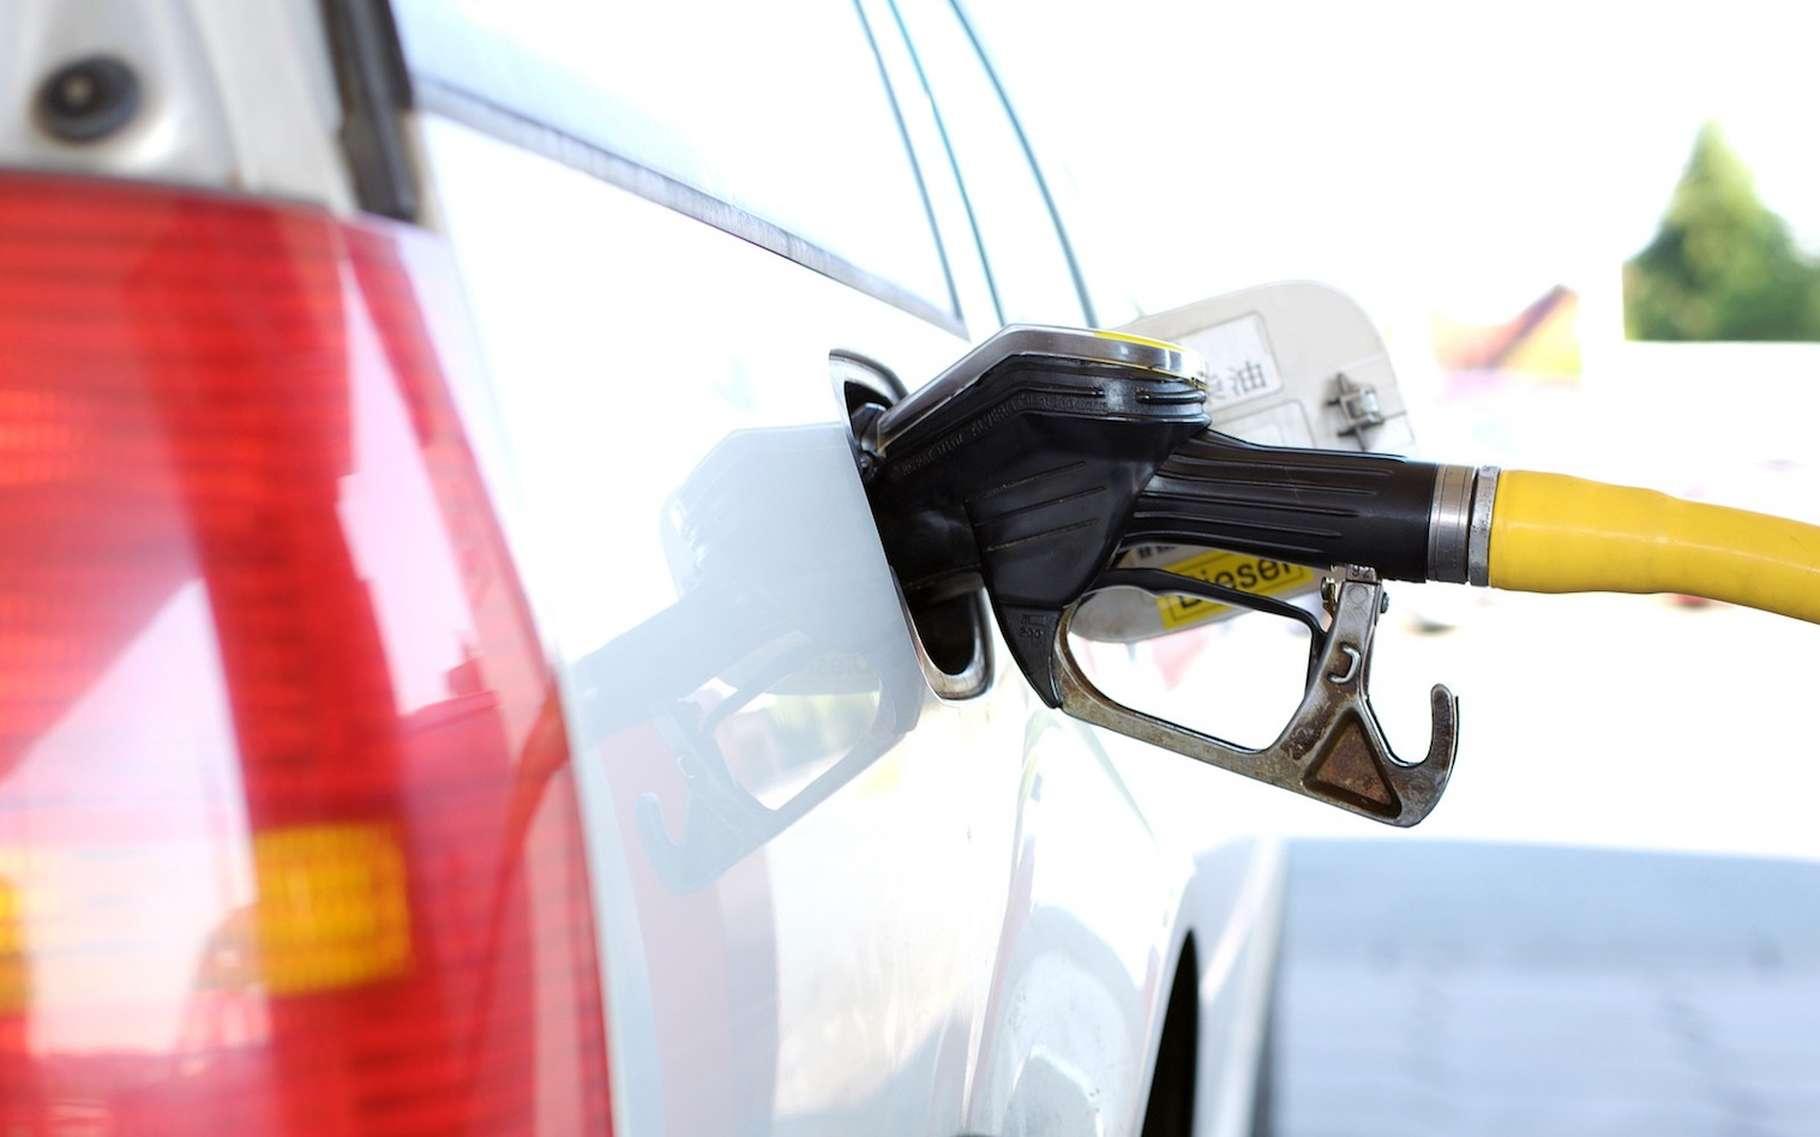 Des chercheurs américains ont réussi à améliorer l'efficacité de la photosynthèse artificielle. À partir de CO2 et d'énergie solaire, ils ont produit notamment de l'éthylène, un composé prisé par l'industrie du plastique, et de l'éthanol, qui peut servir de carburant. © andreas160578, Pixabay, CC0